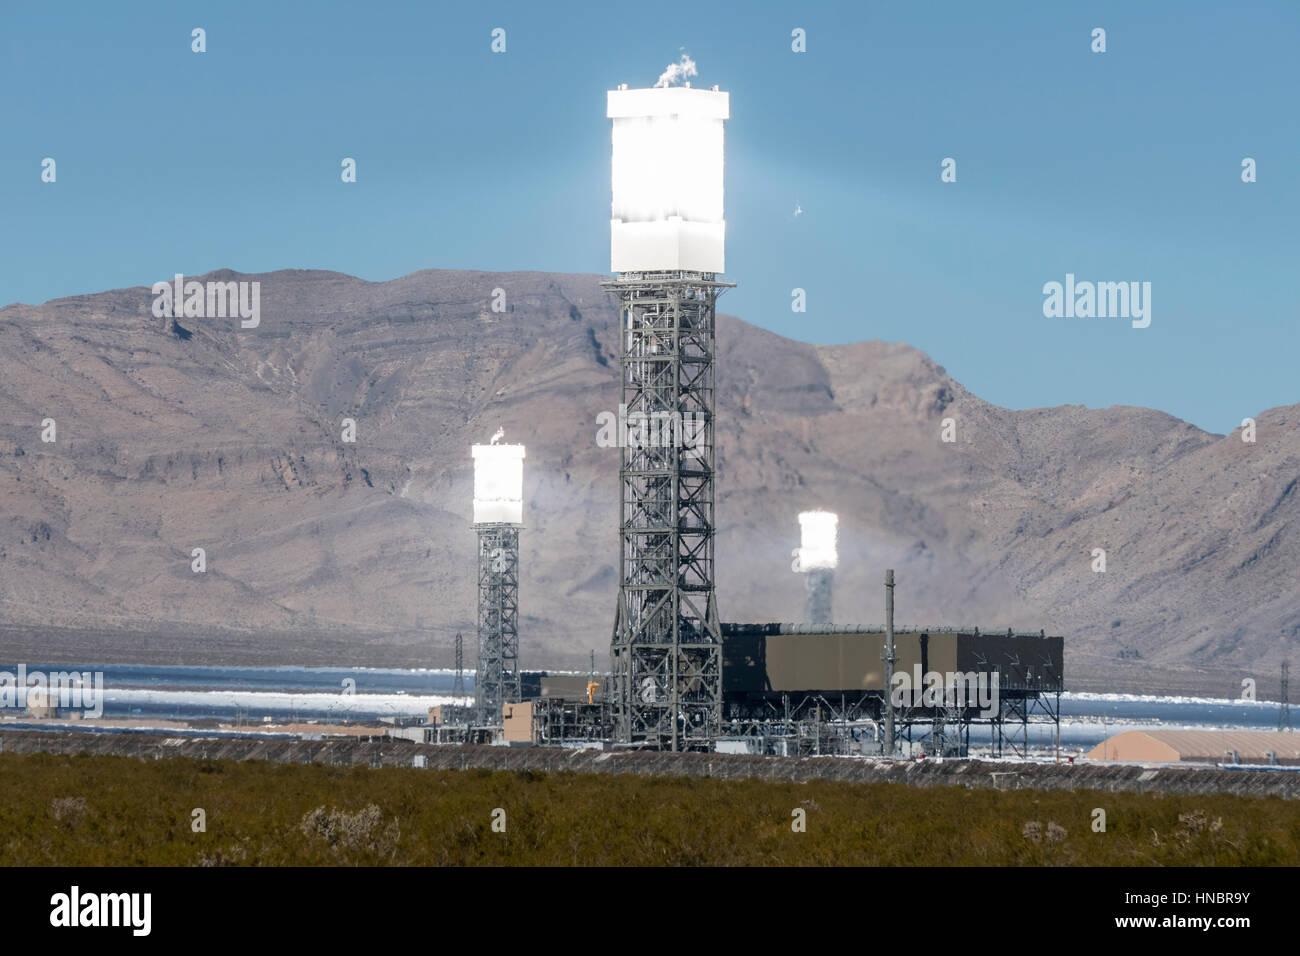 Ivanpah, California, Stati Uniti d'America - 26 Novembre 2014: specchi focalizzato la produzione di calore intenso Immagini Stock